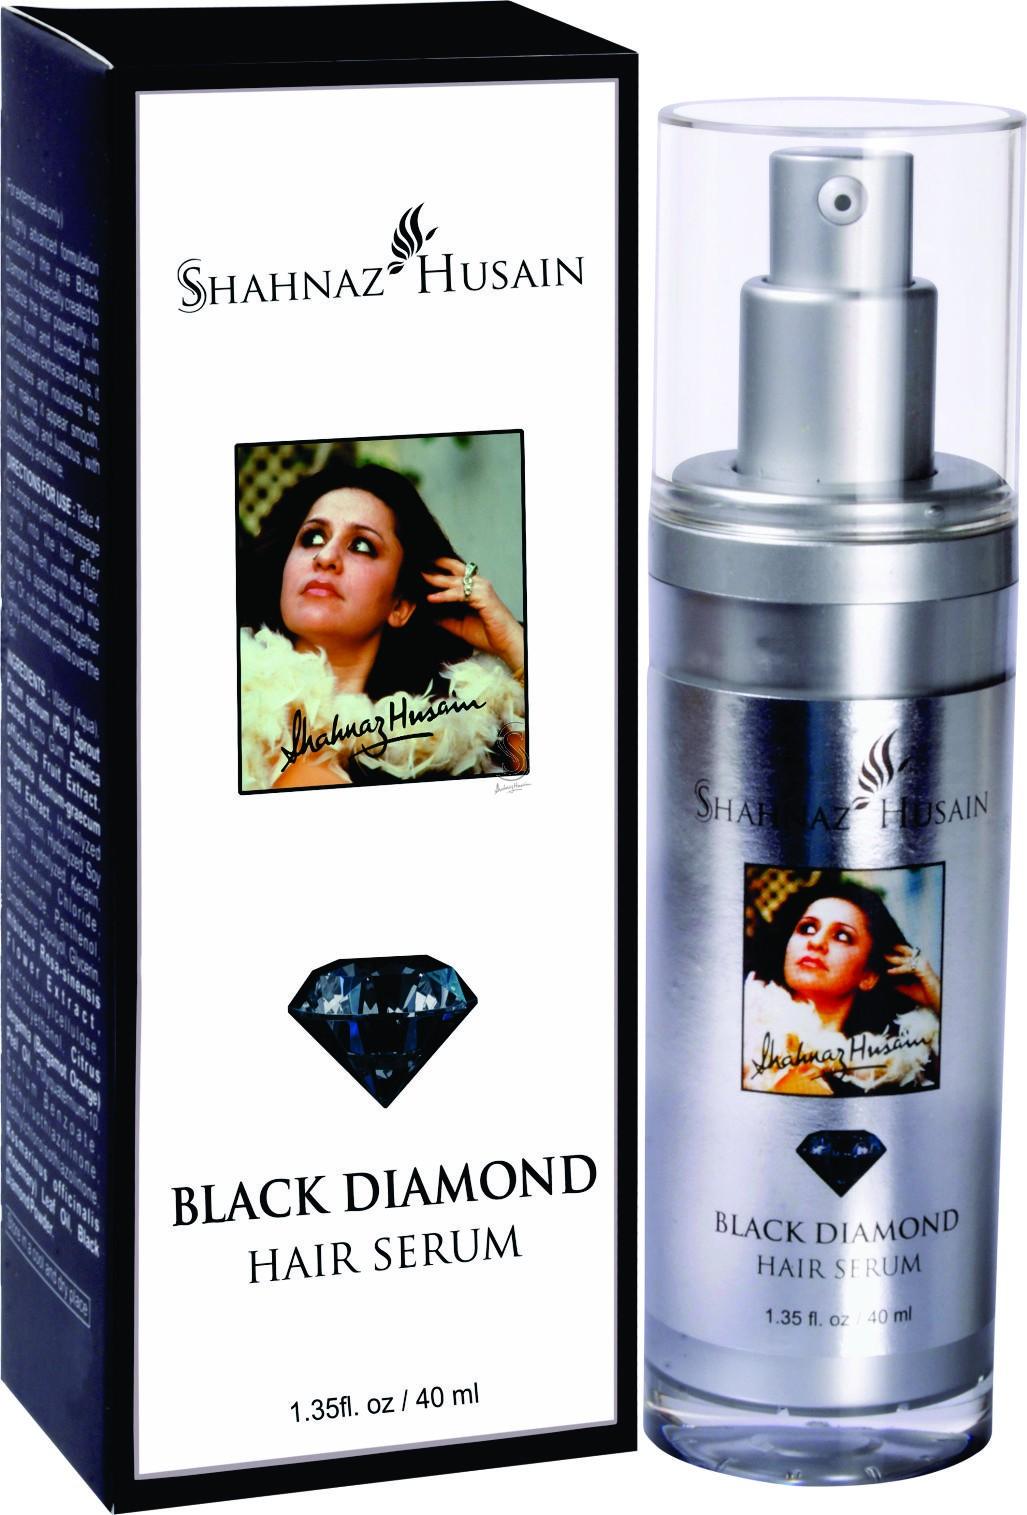 shahnaz husain black diamond hair serum | buy shahnaz husain black